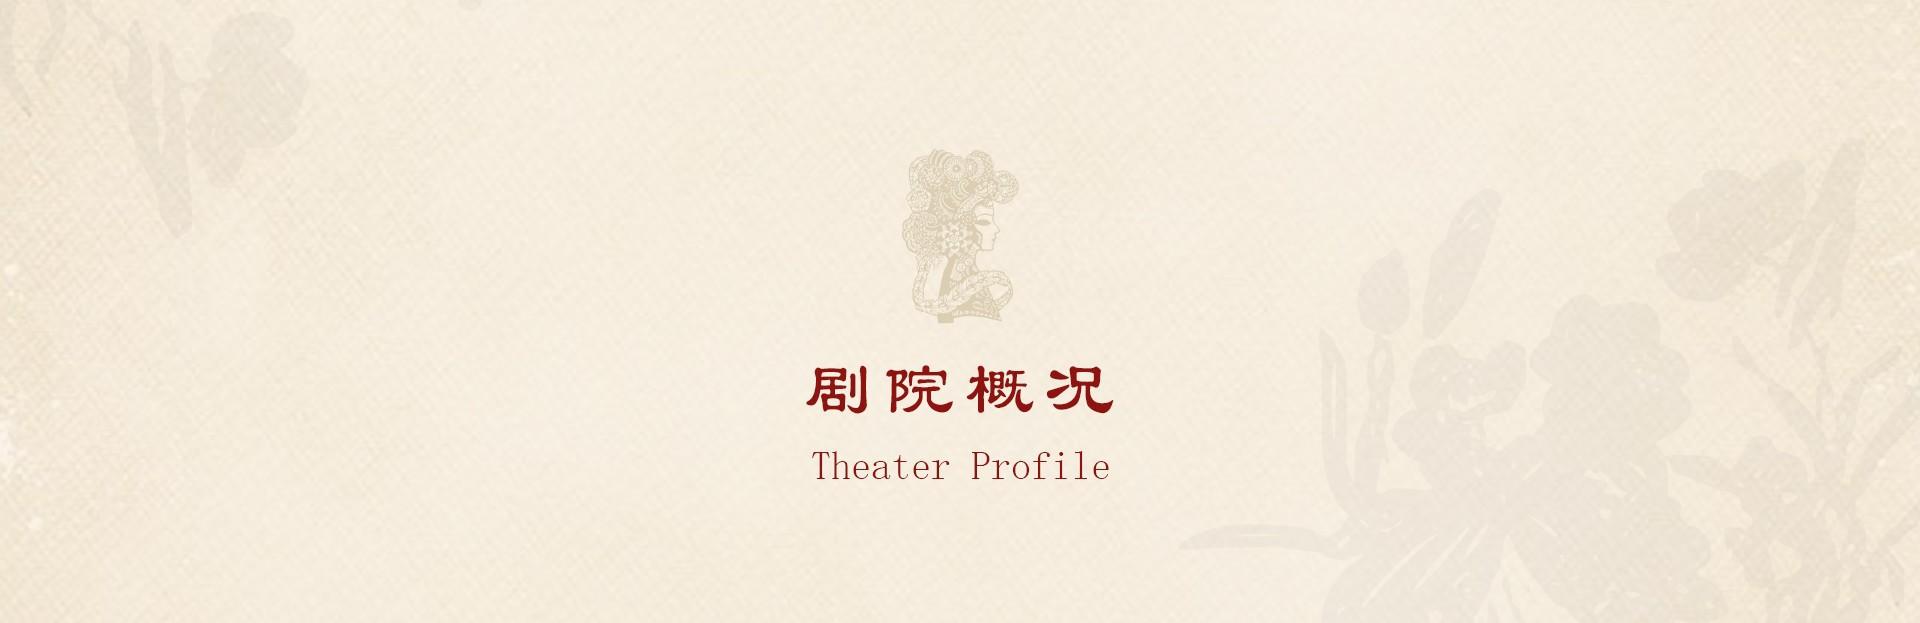 剧院概况-首页